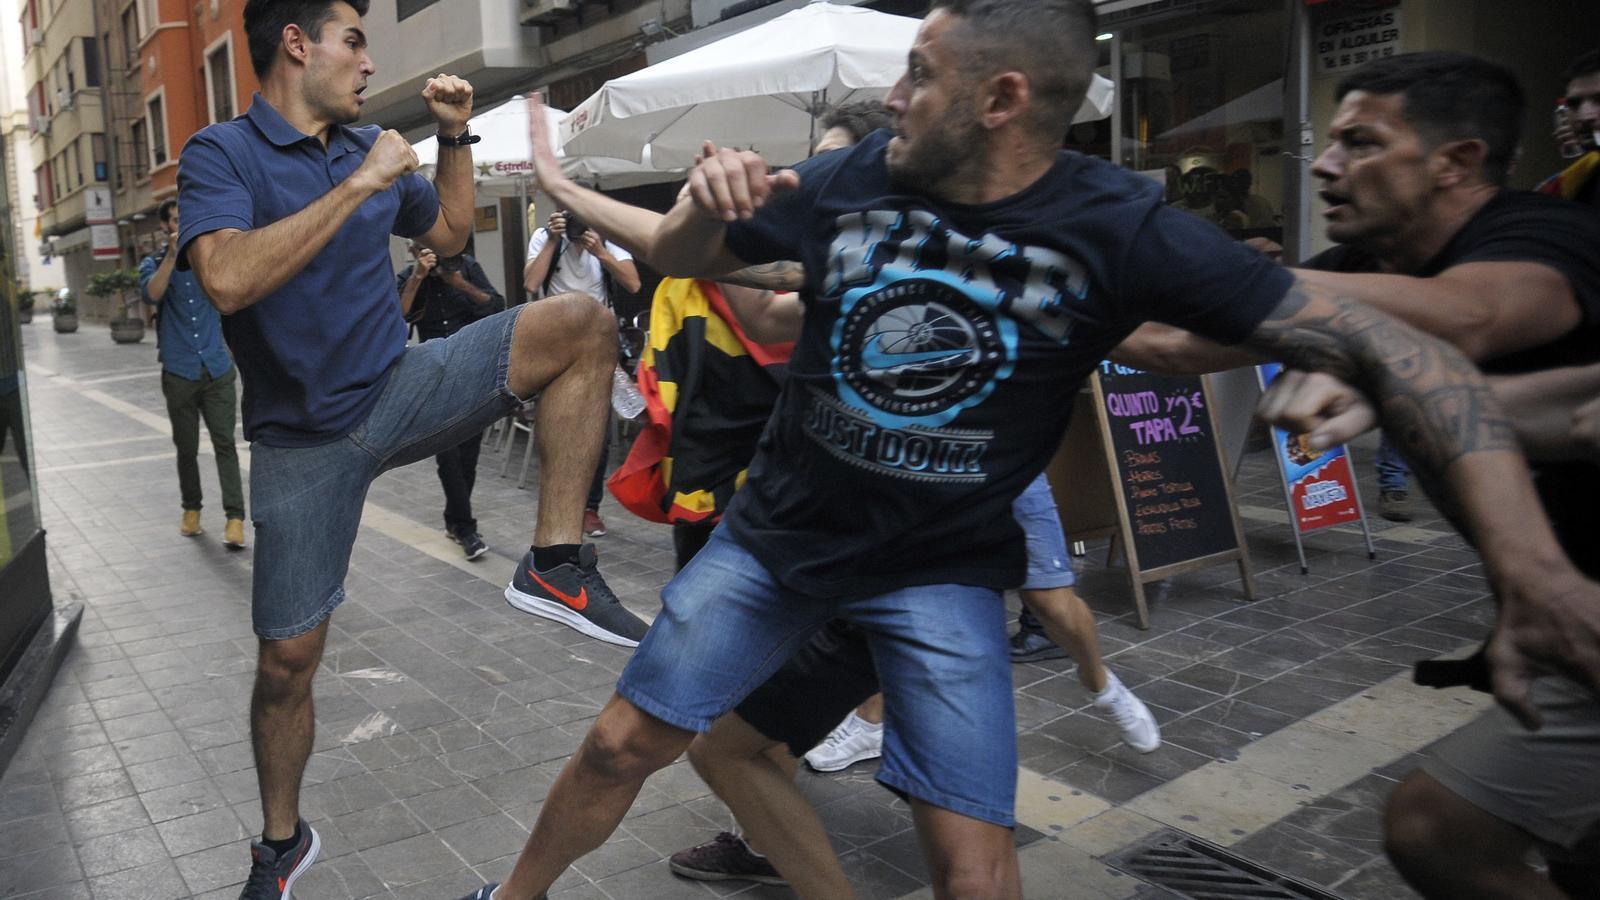 Vicente Danvila defensant-se de les agressions dels membres de les agrupacions d'extrema dreta. / DANIEL GARCÍA-SALA